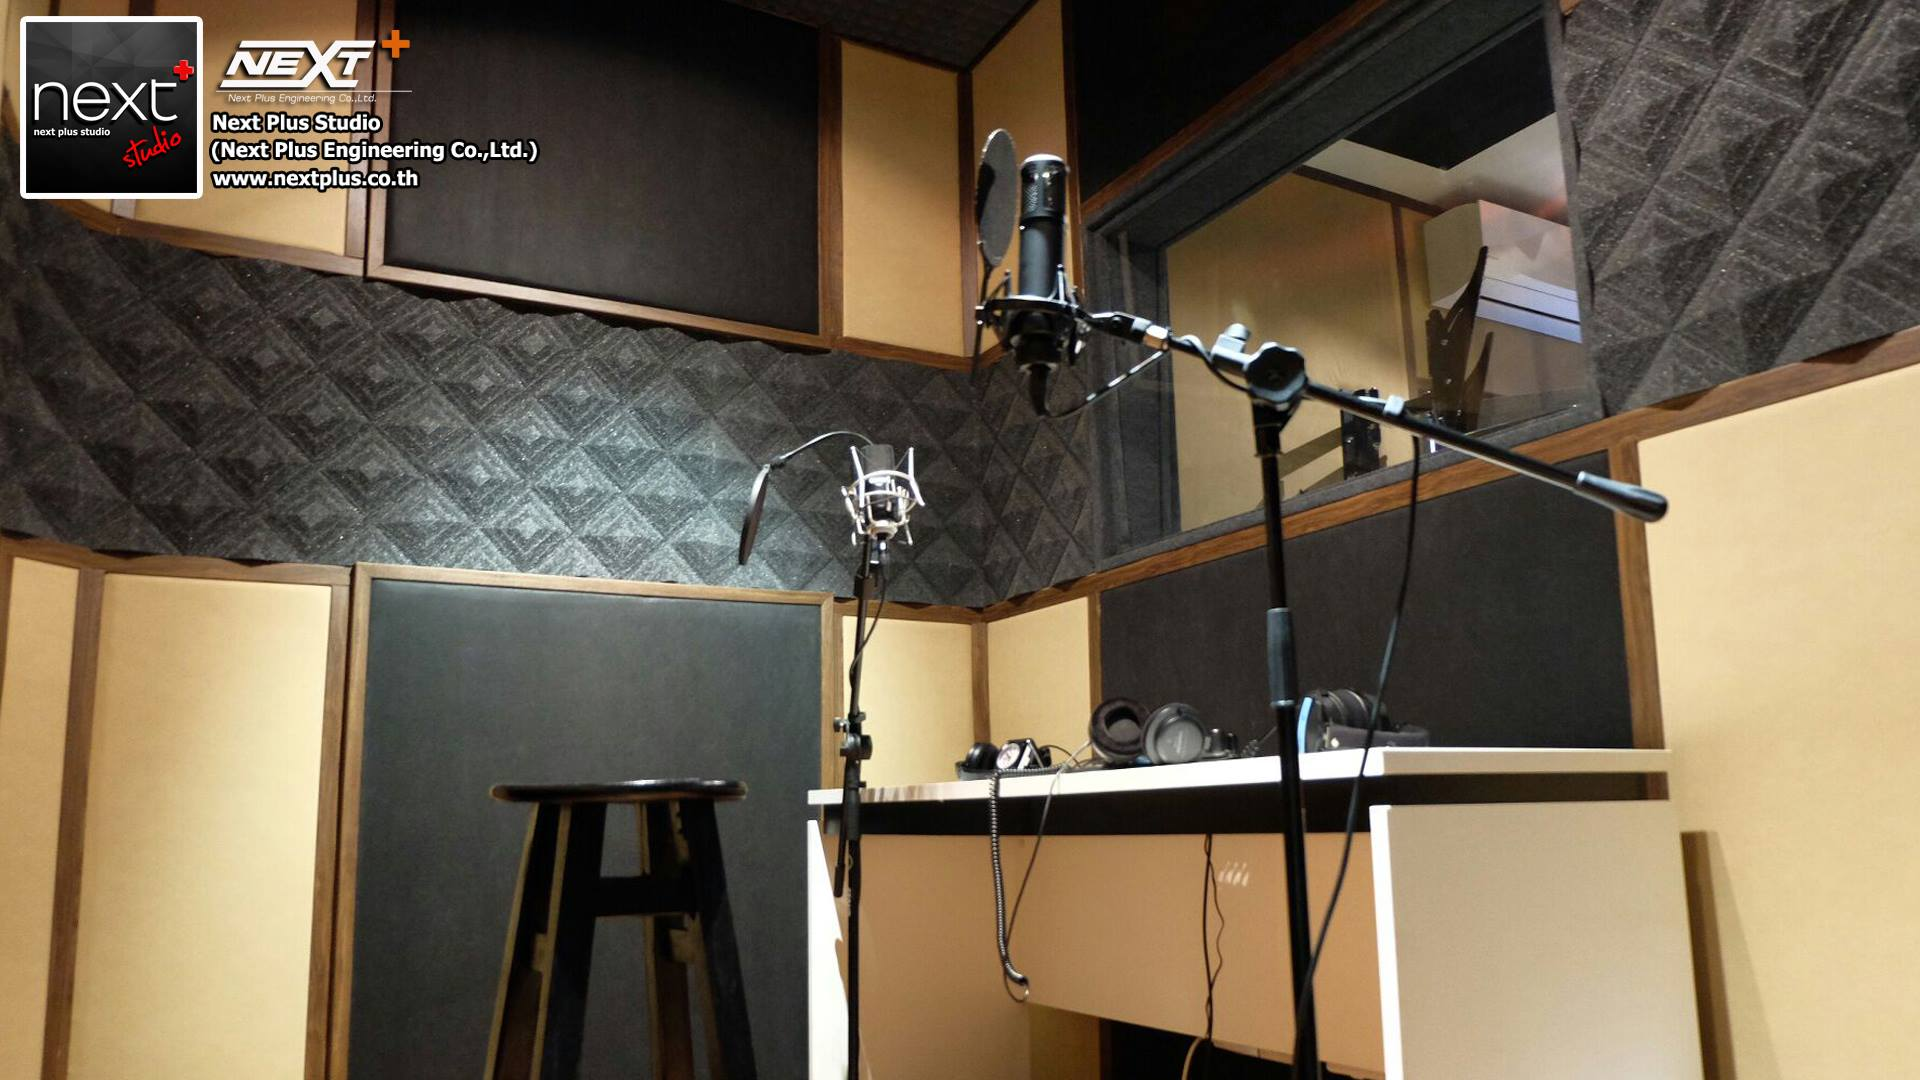 ห้องบันทึกเสียง Skylinerecord 3